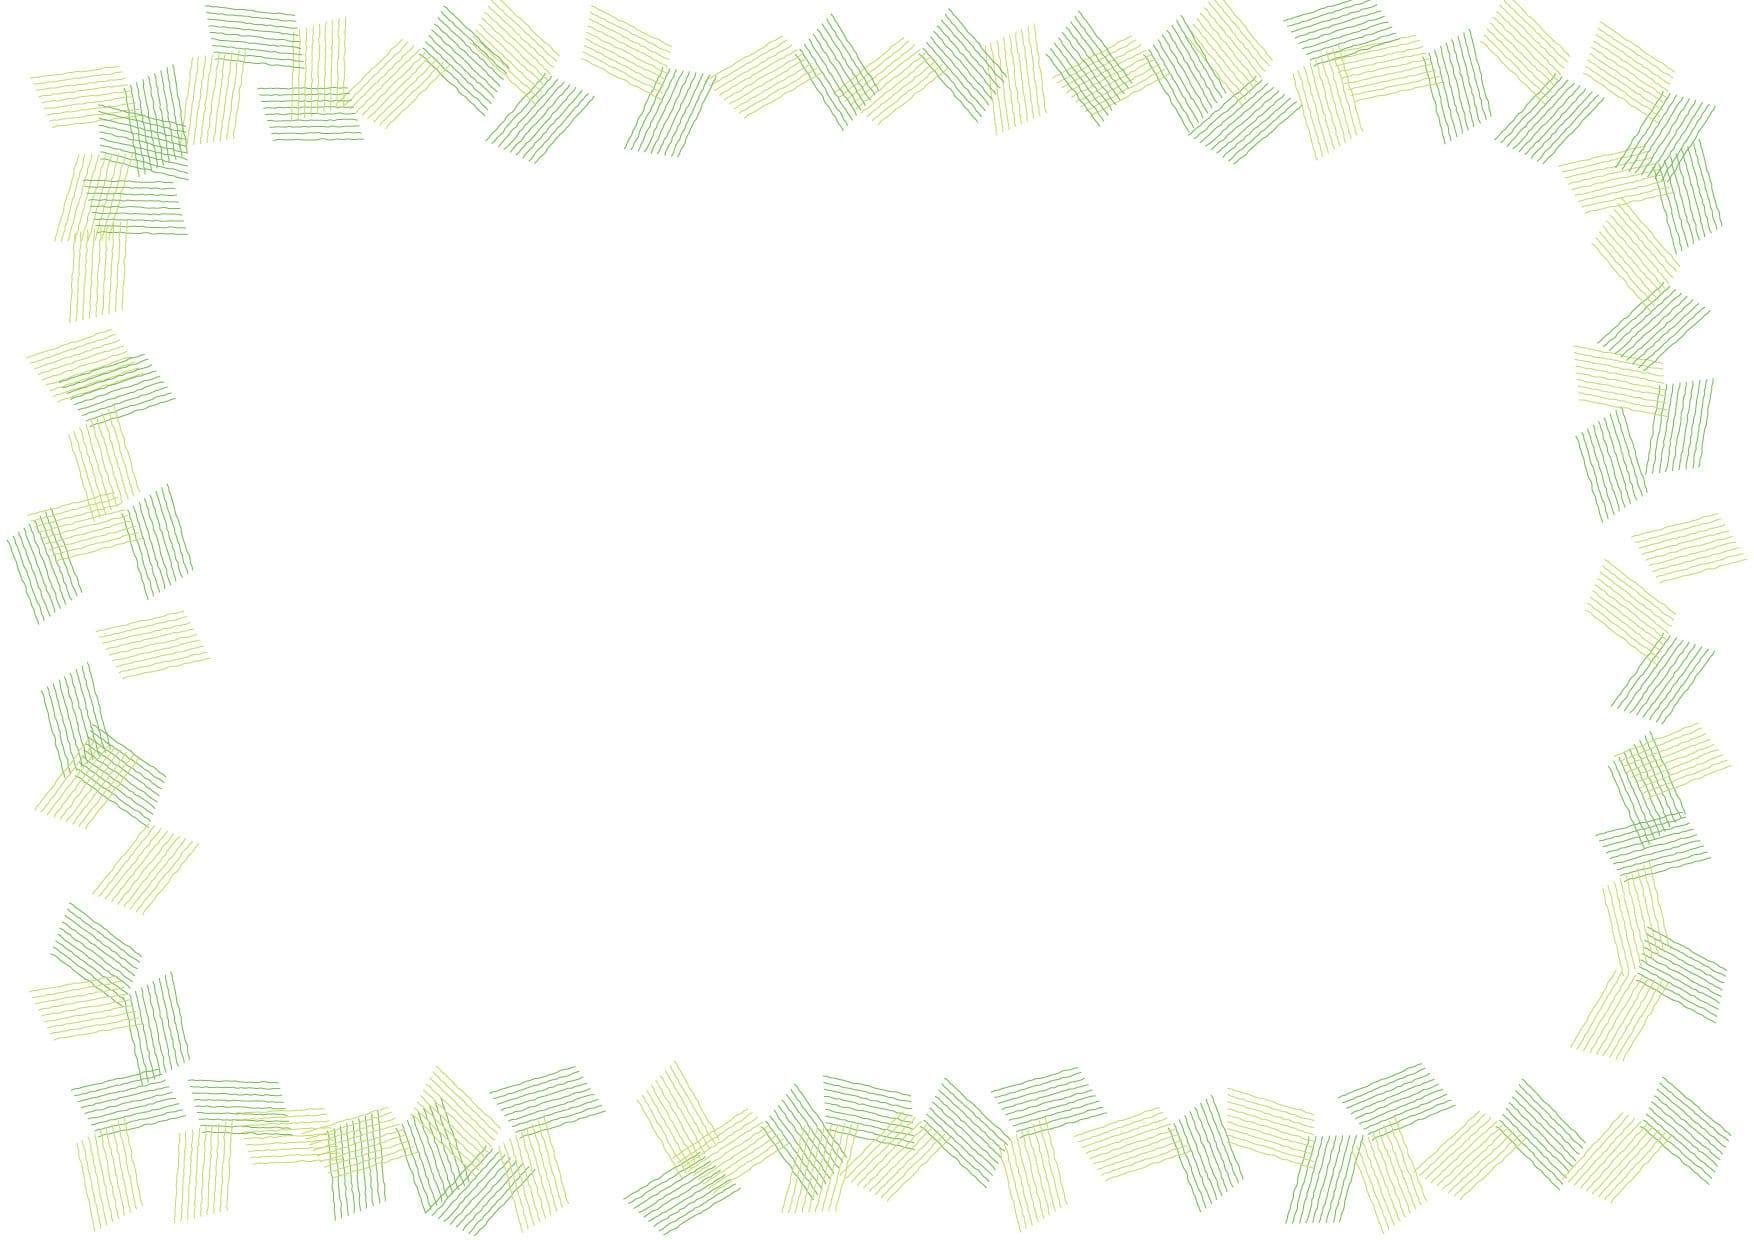 背景 シンプル フレーム 緑色 イラスト 無料